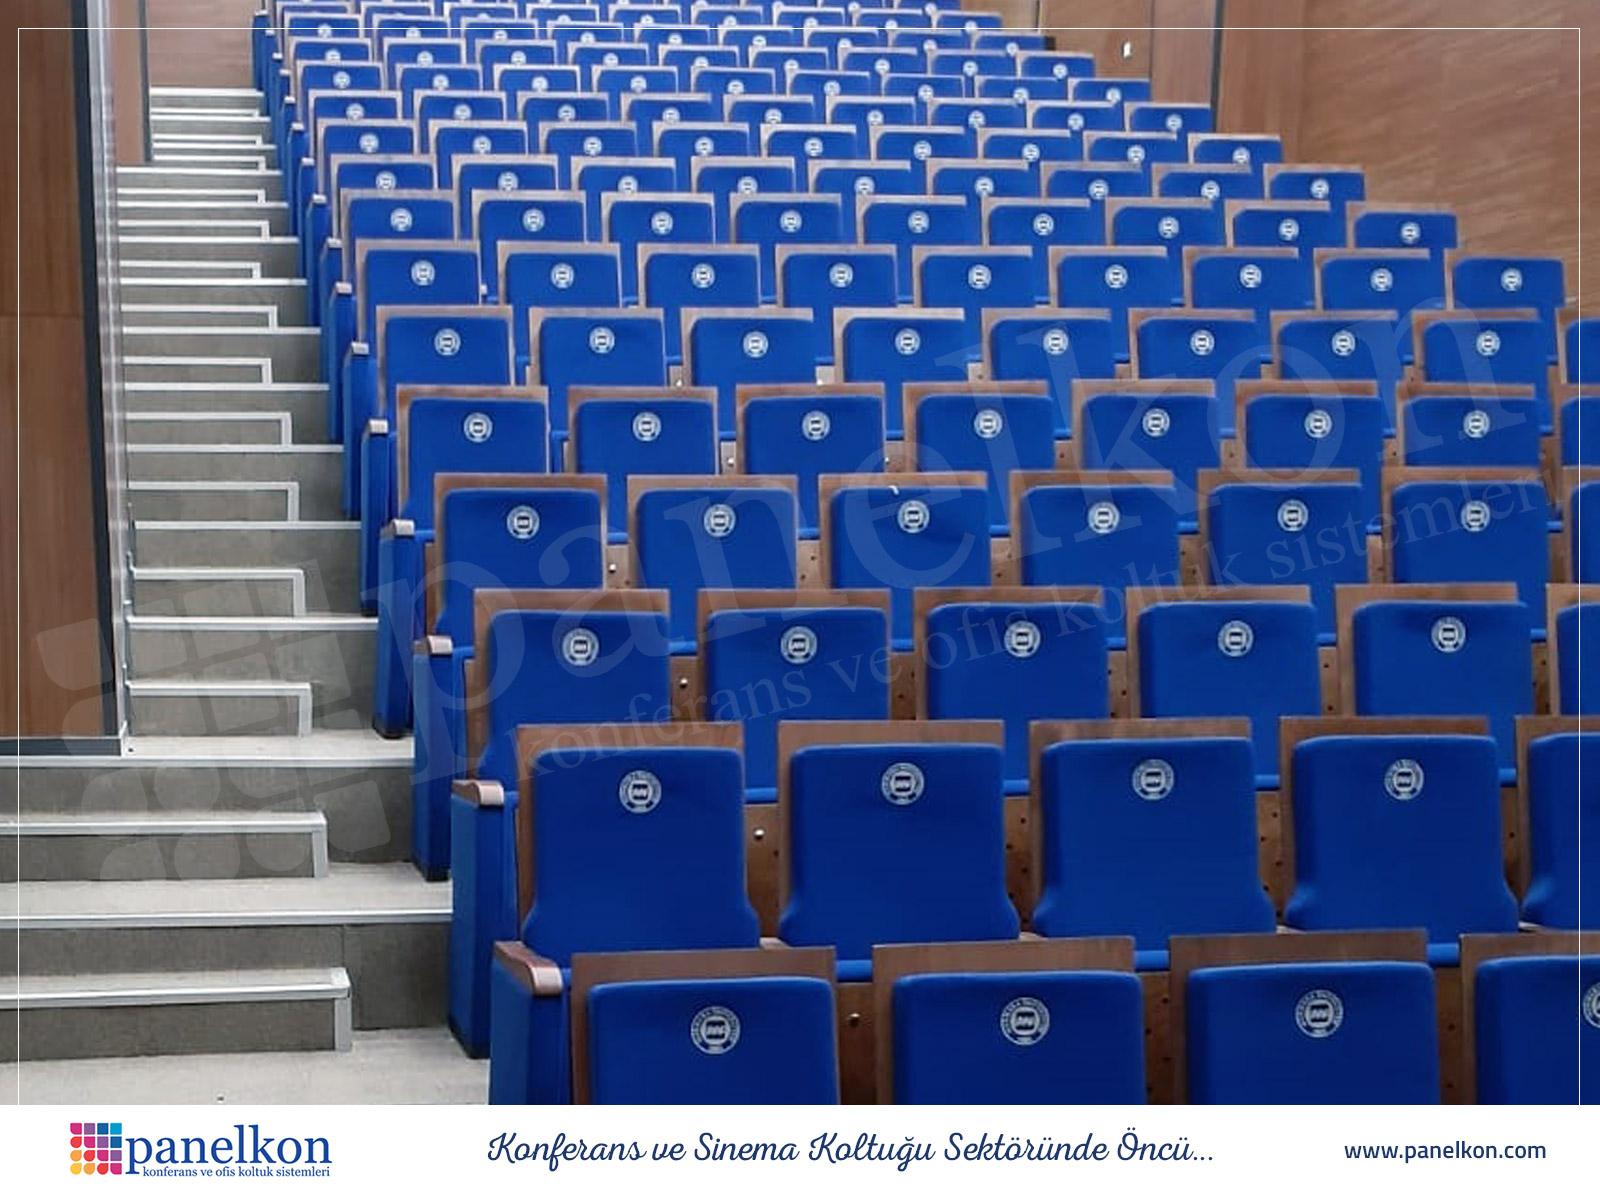 maramara üniversitesi göztepe kampüsü hukuk fakültesi konferans salonu koltukları (4)